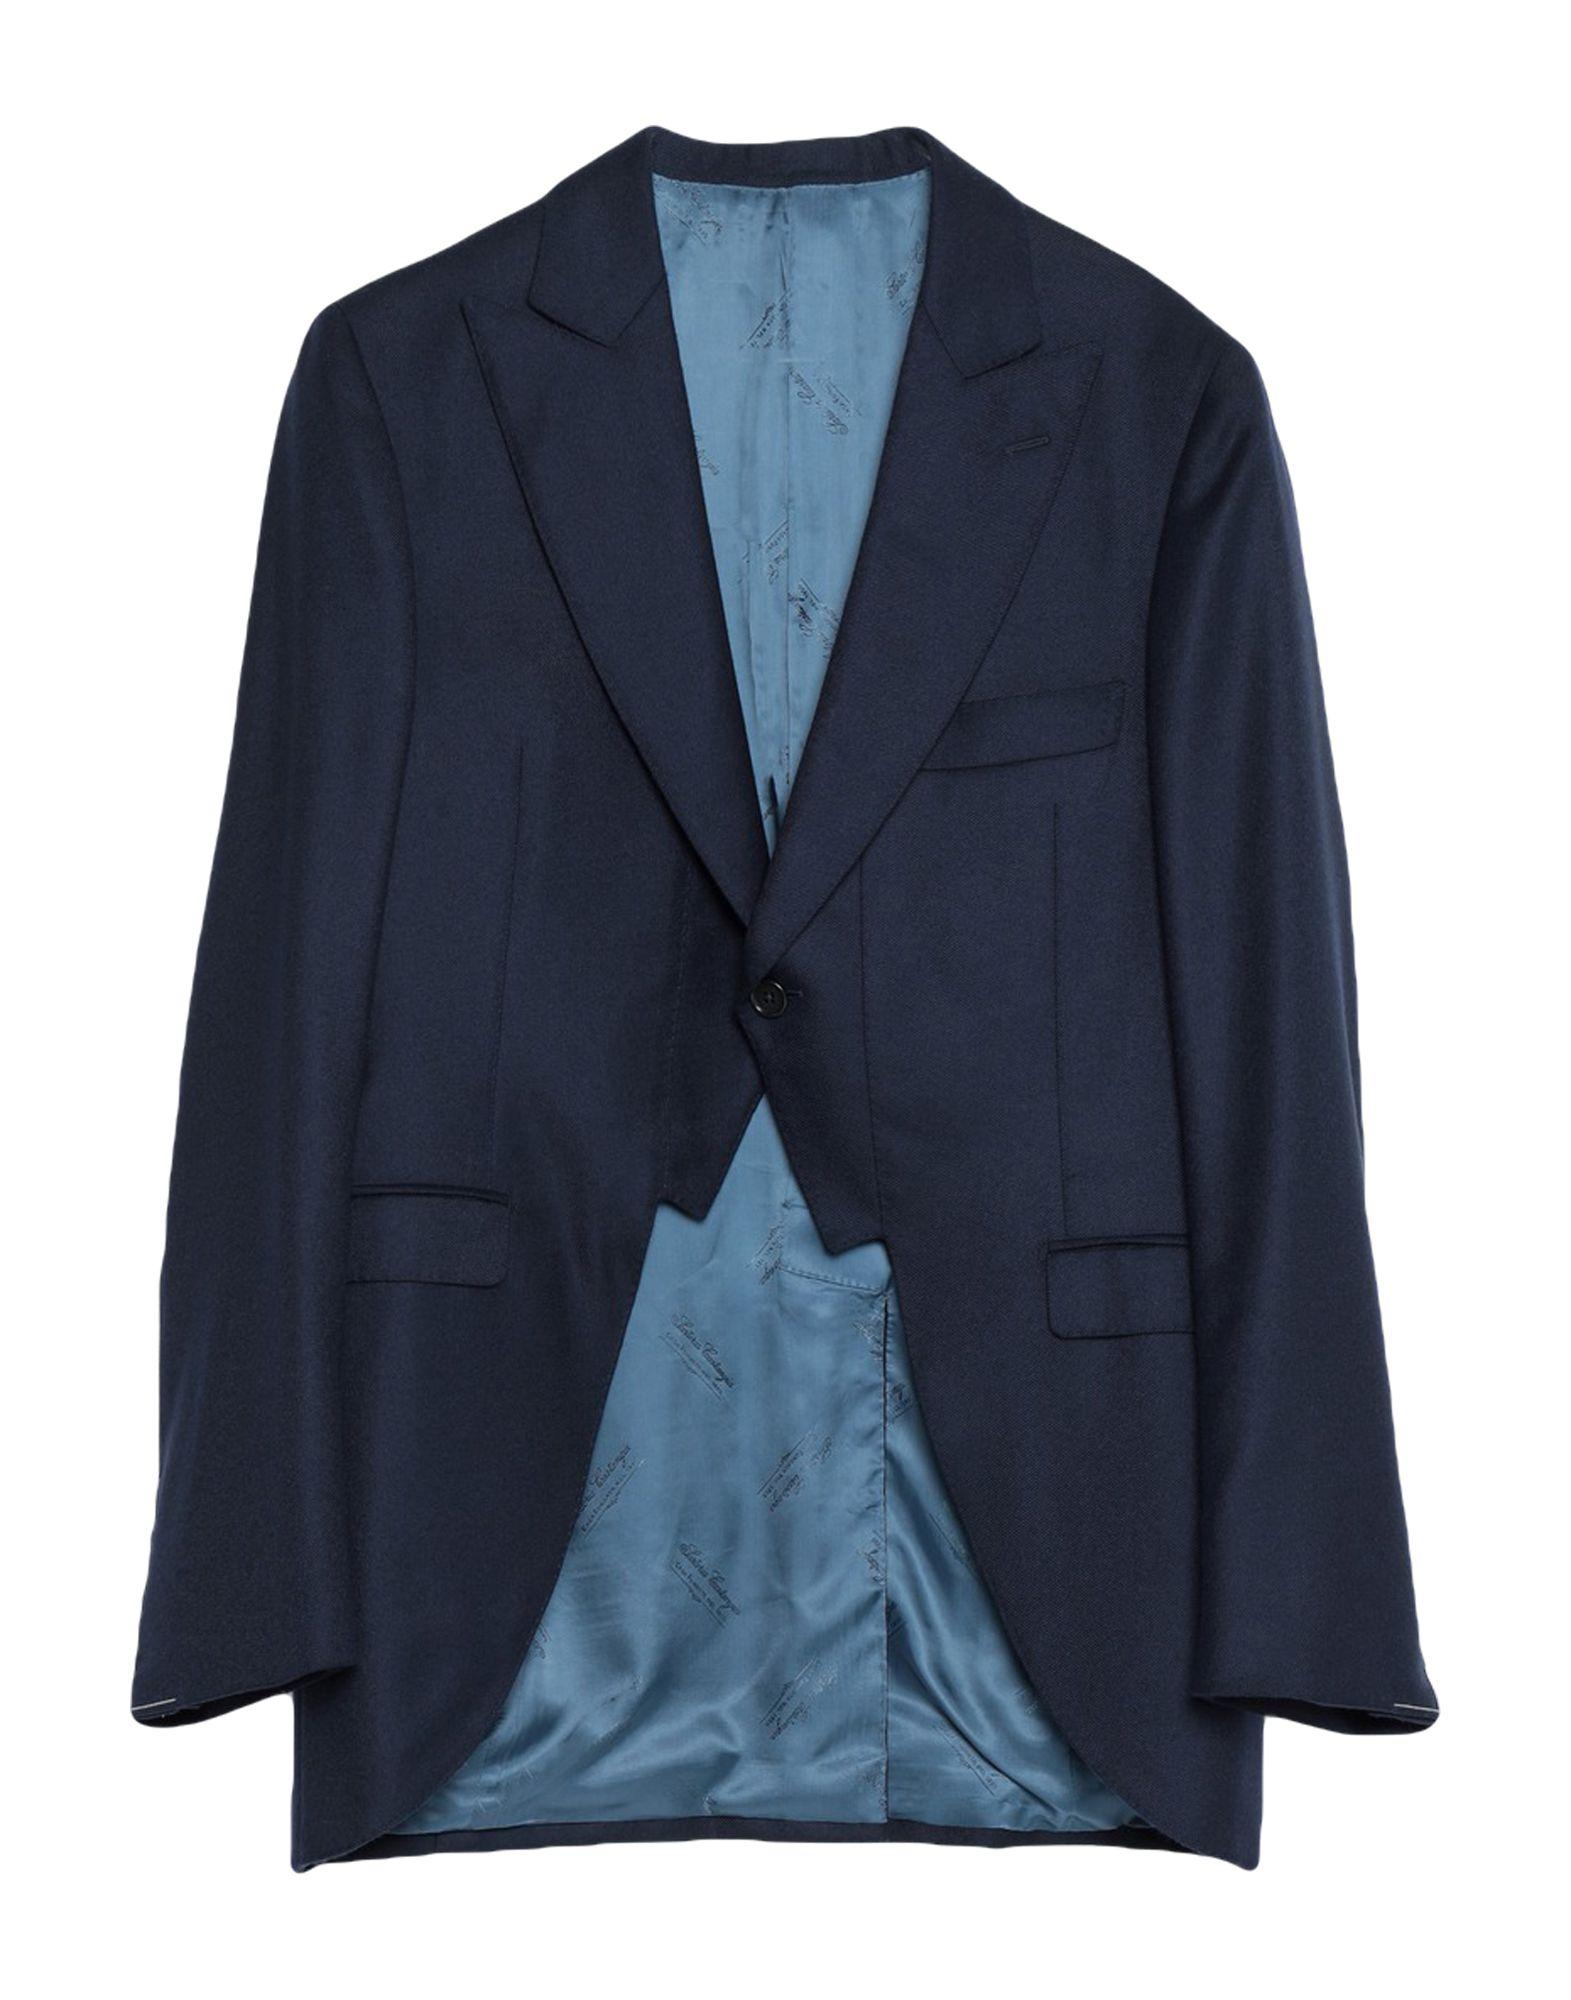 《送料無料》SARTORIA CASTANGIA メンズ テーラードジャケット ダークブルー 50 ウール 100%